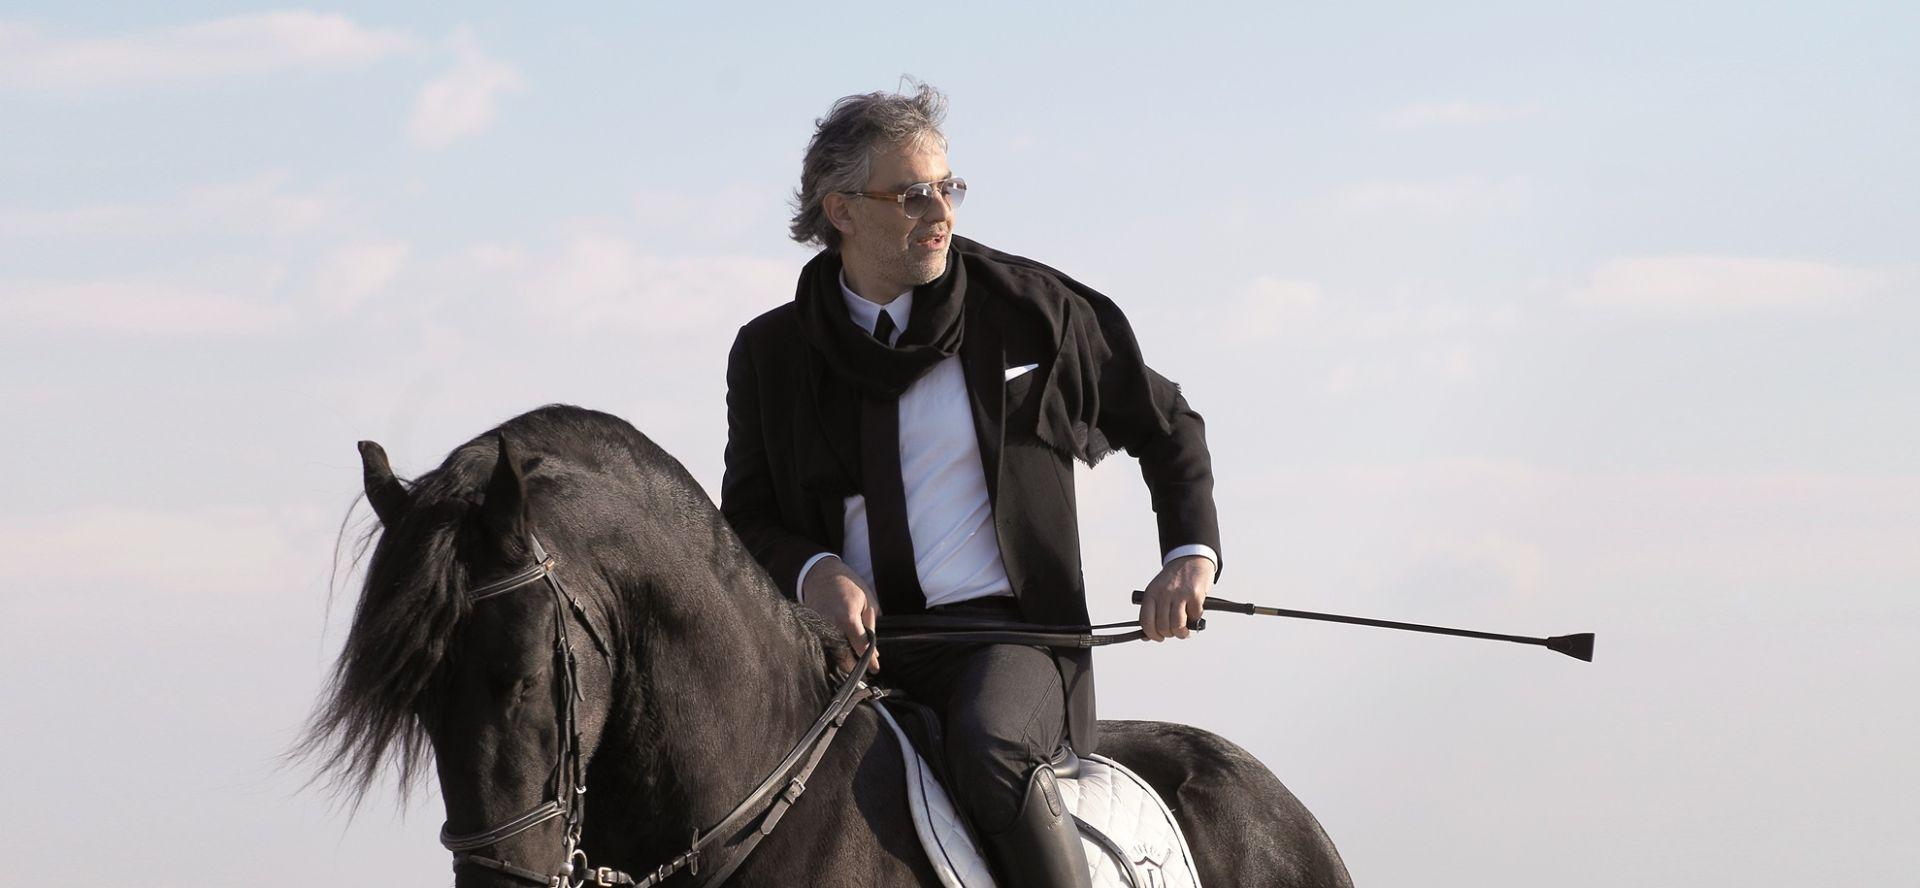 IAKO JE PAO S KONJA Andrea Bocelli spreman za nove uspješne nastupe!